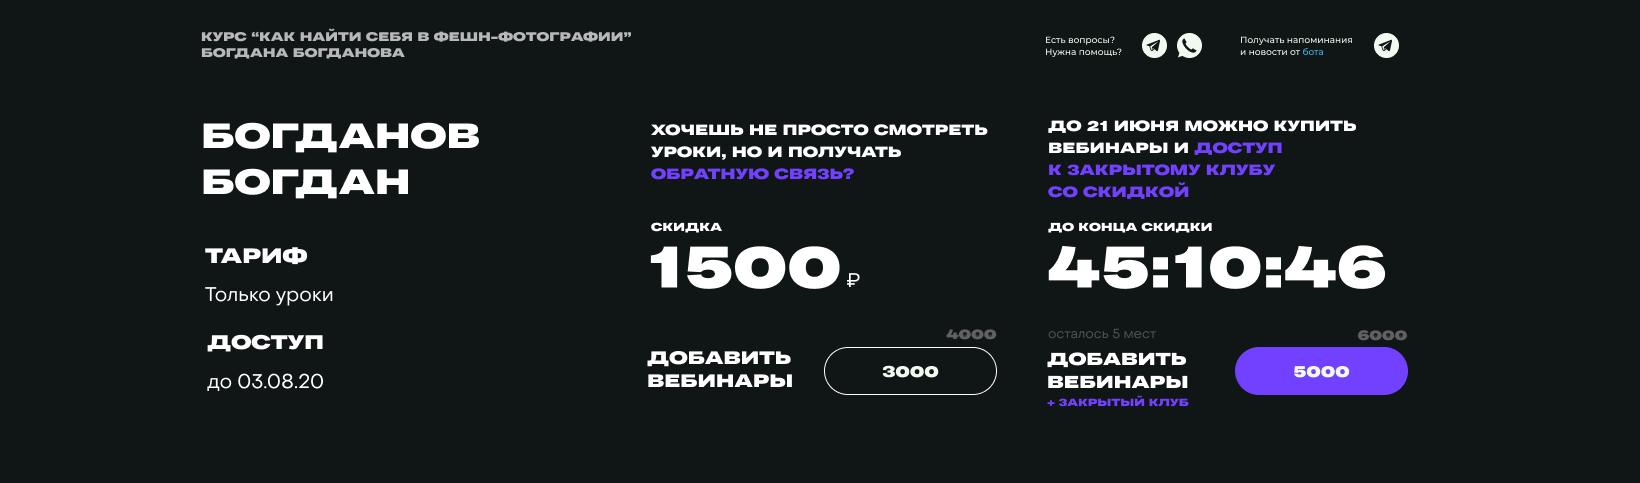 Дизайн личного кабинета для курса Богдана Богданова 9